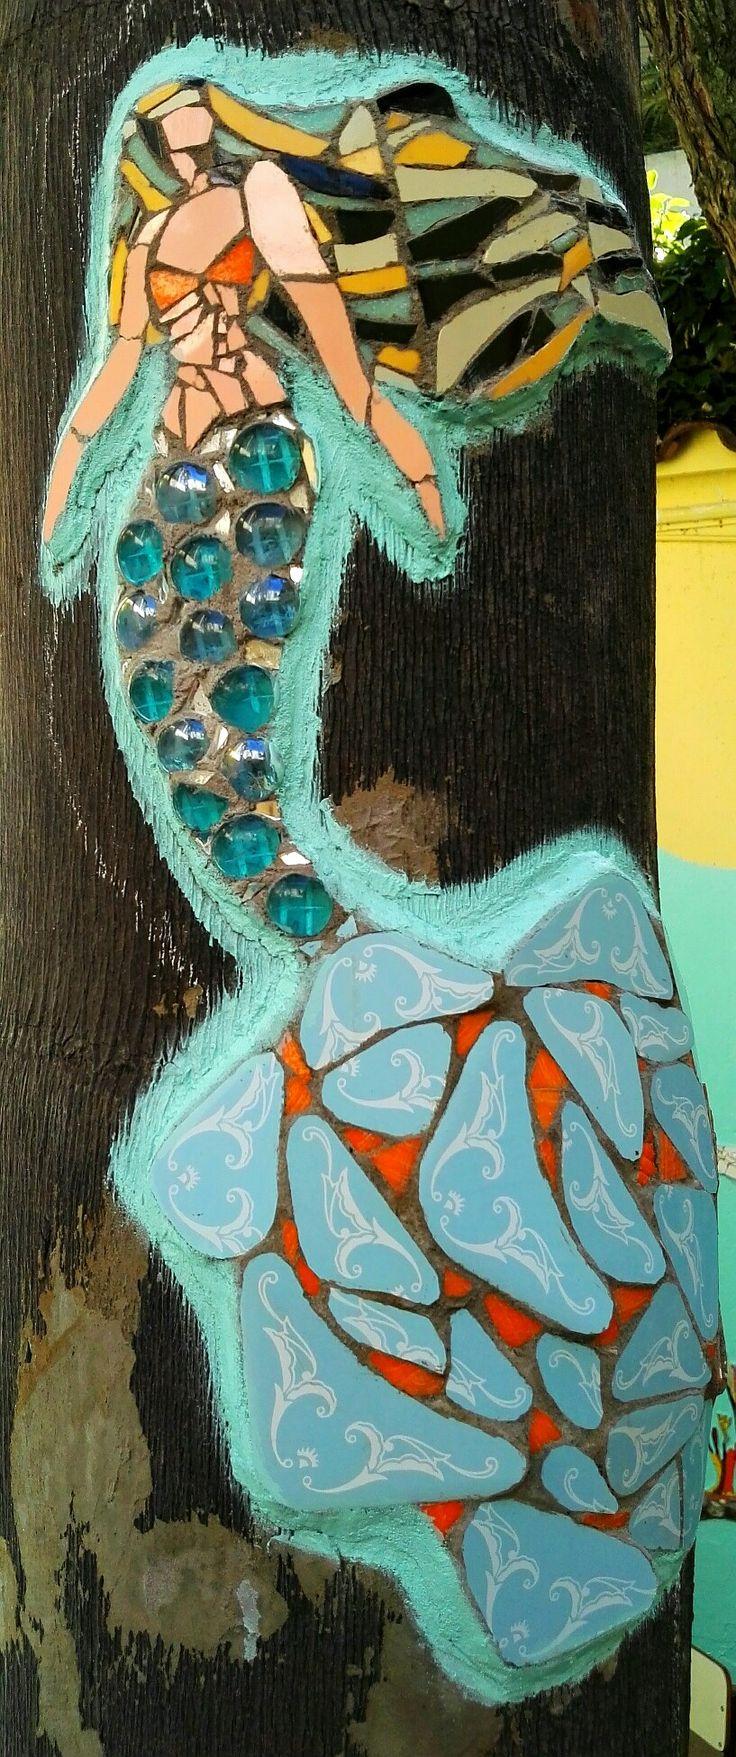 Sirena en Mosaico. Julia Gurwicz y Ricardo Stefani. Un mar de Juegos Mural Mosaico. Jardín de infantes integral n 1 Alfredo Palacios.